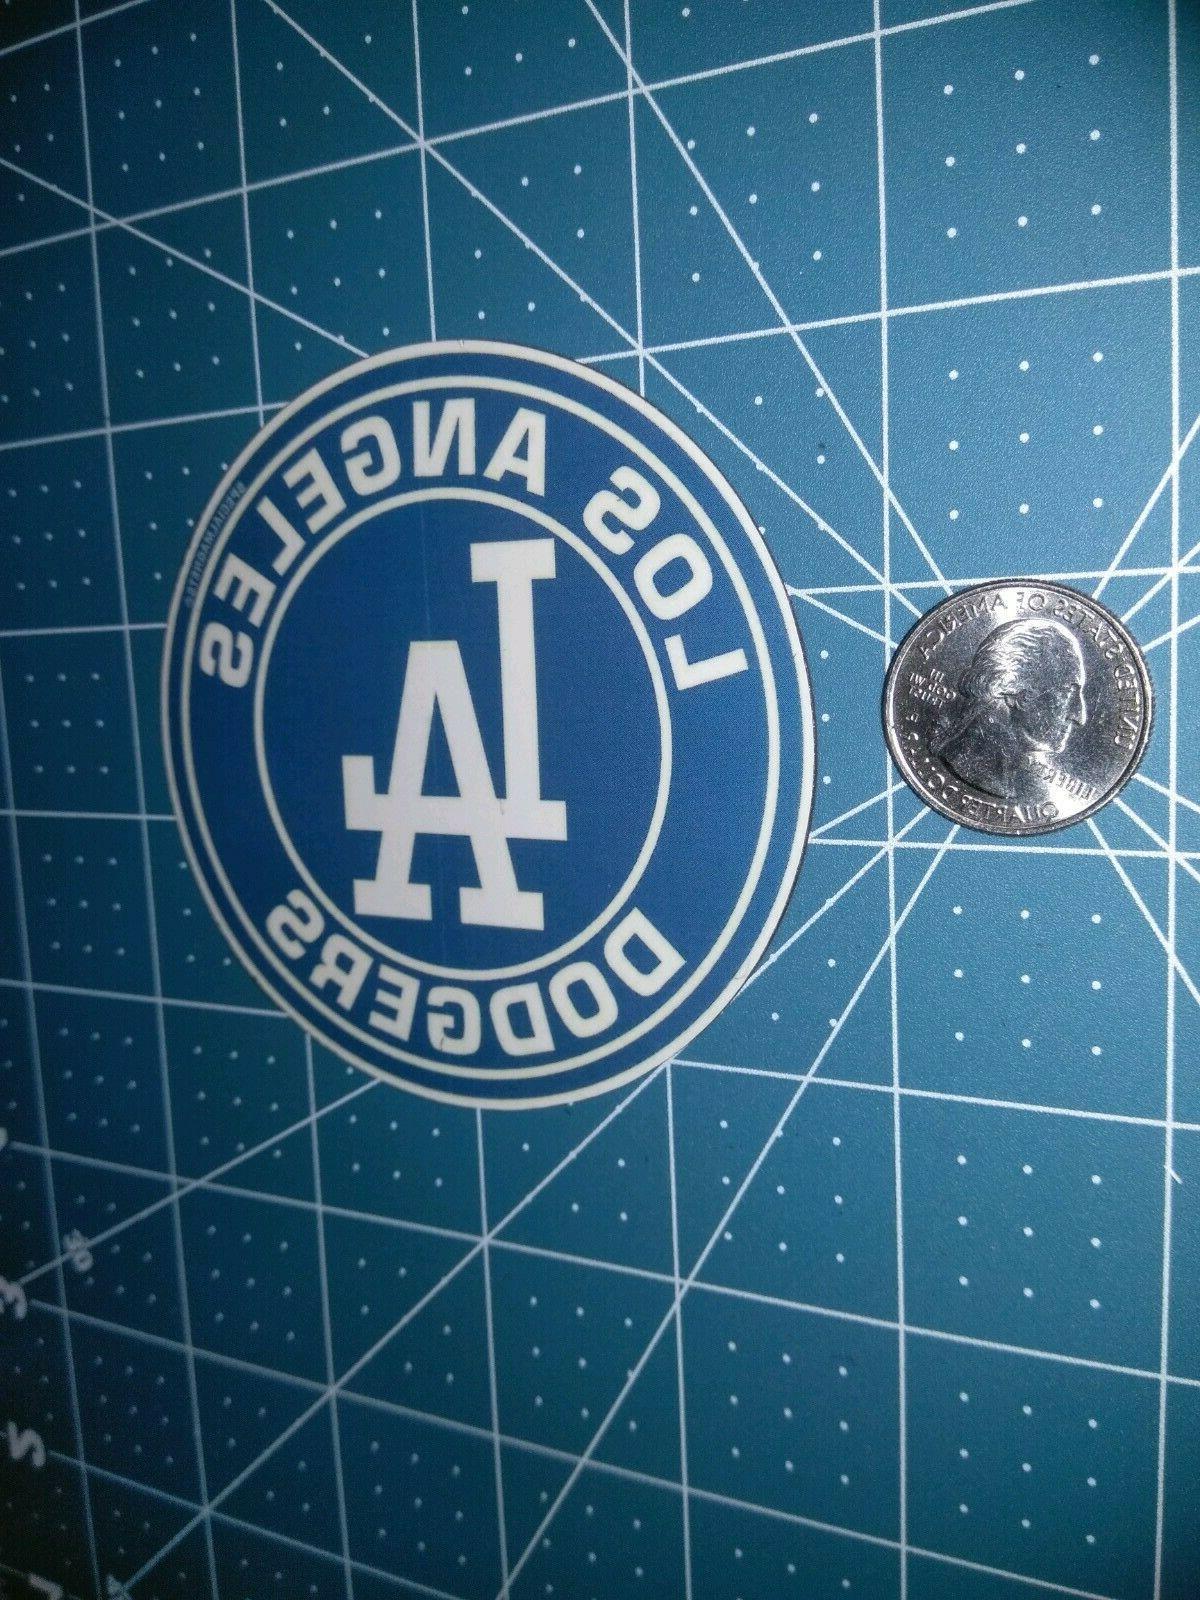 Los Dodgers circle sport car bumper fridge magnets